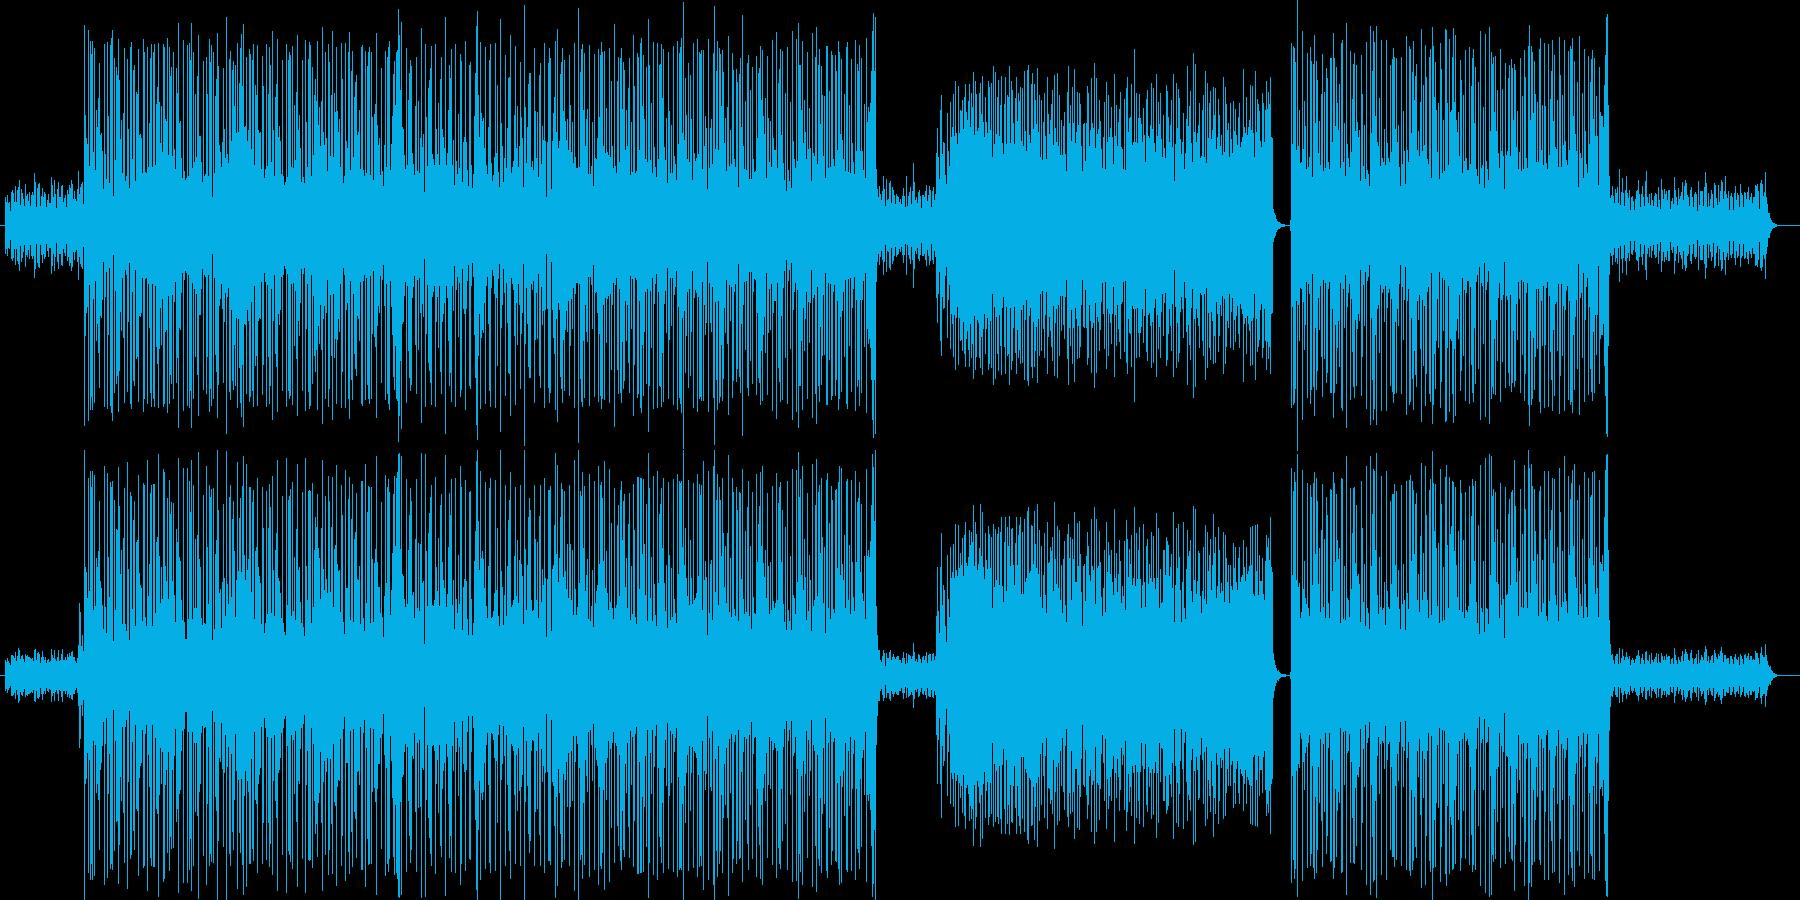 ドキドキ感のシンセサイザーサウンドの再生済みの波形